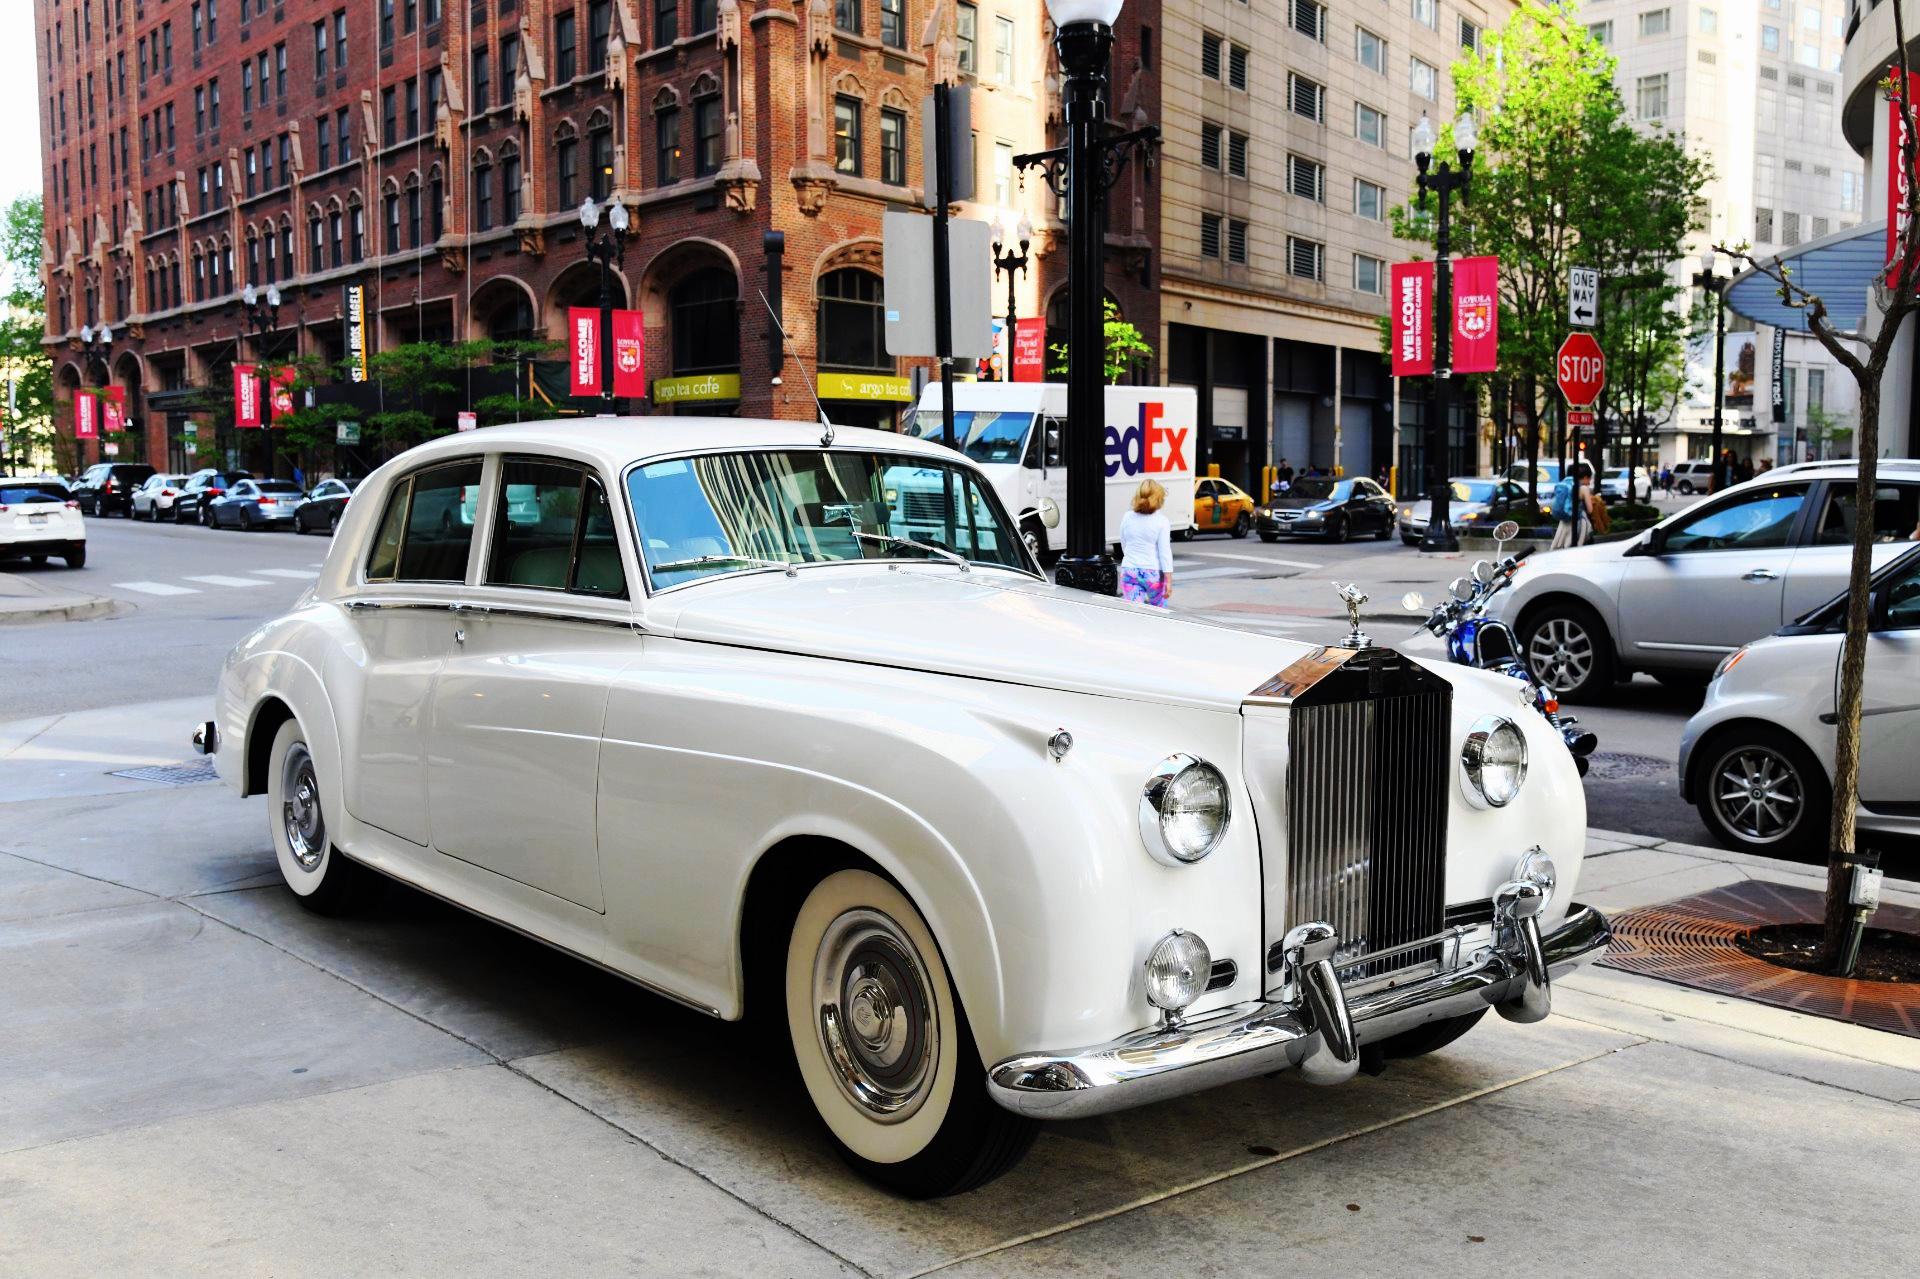 Vintage Rolls Royce - 007